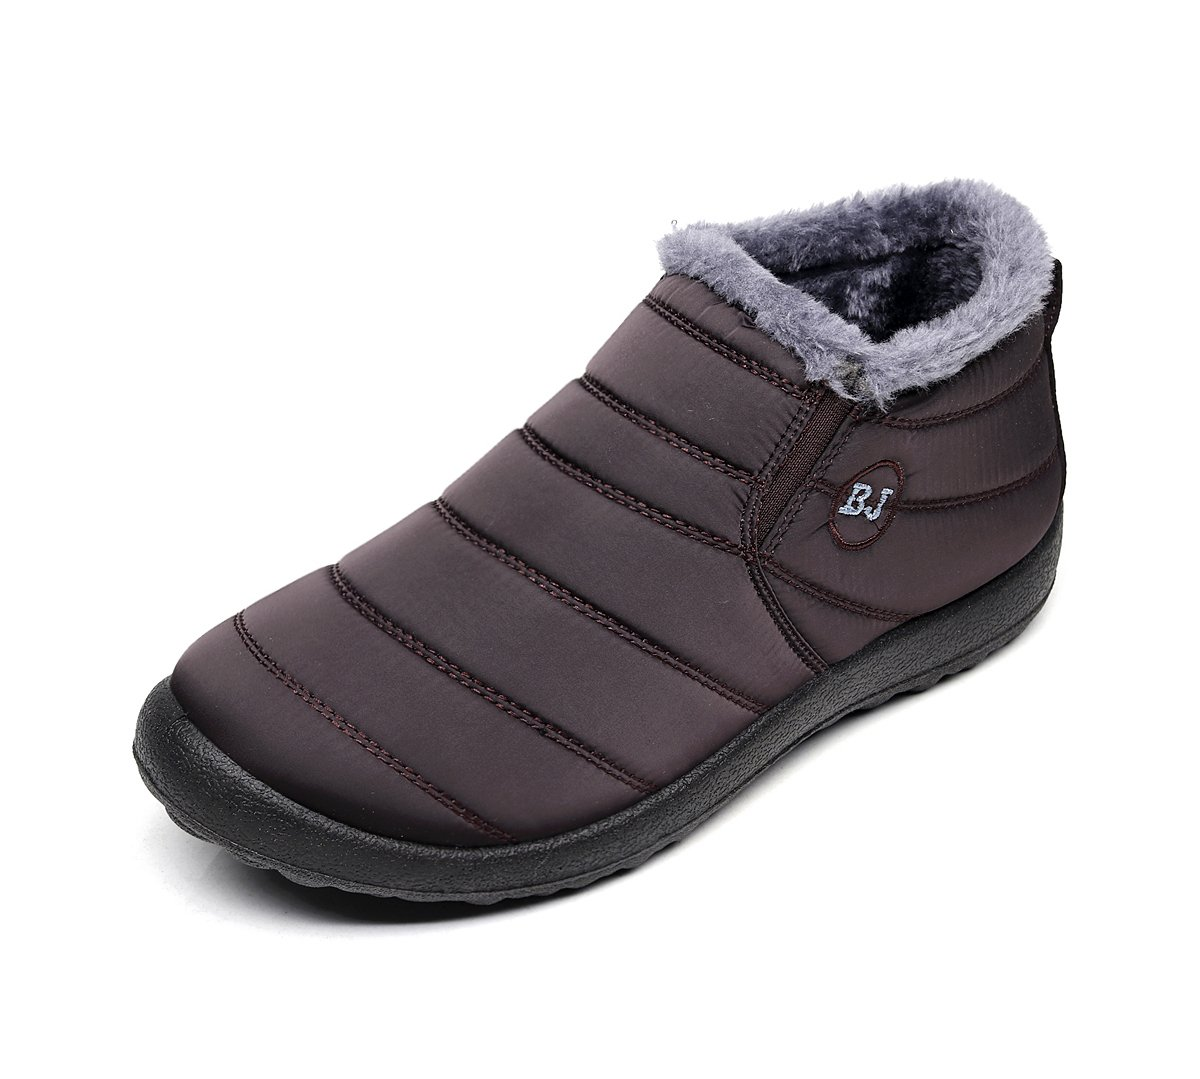 Chaussures Bottes avec de Neige Café avec Chaud Fourrure Doublure Cheville Hiver Boots Imperméable avec Epais Fourrure Bottine pour Hommes Femme Café 467db7d - piero.space